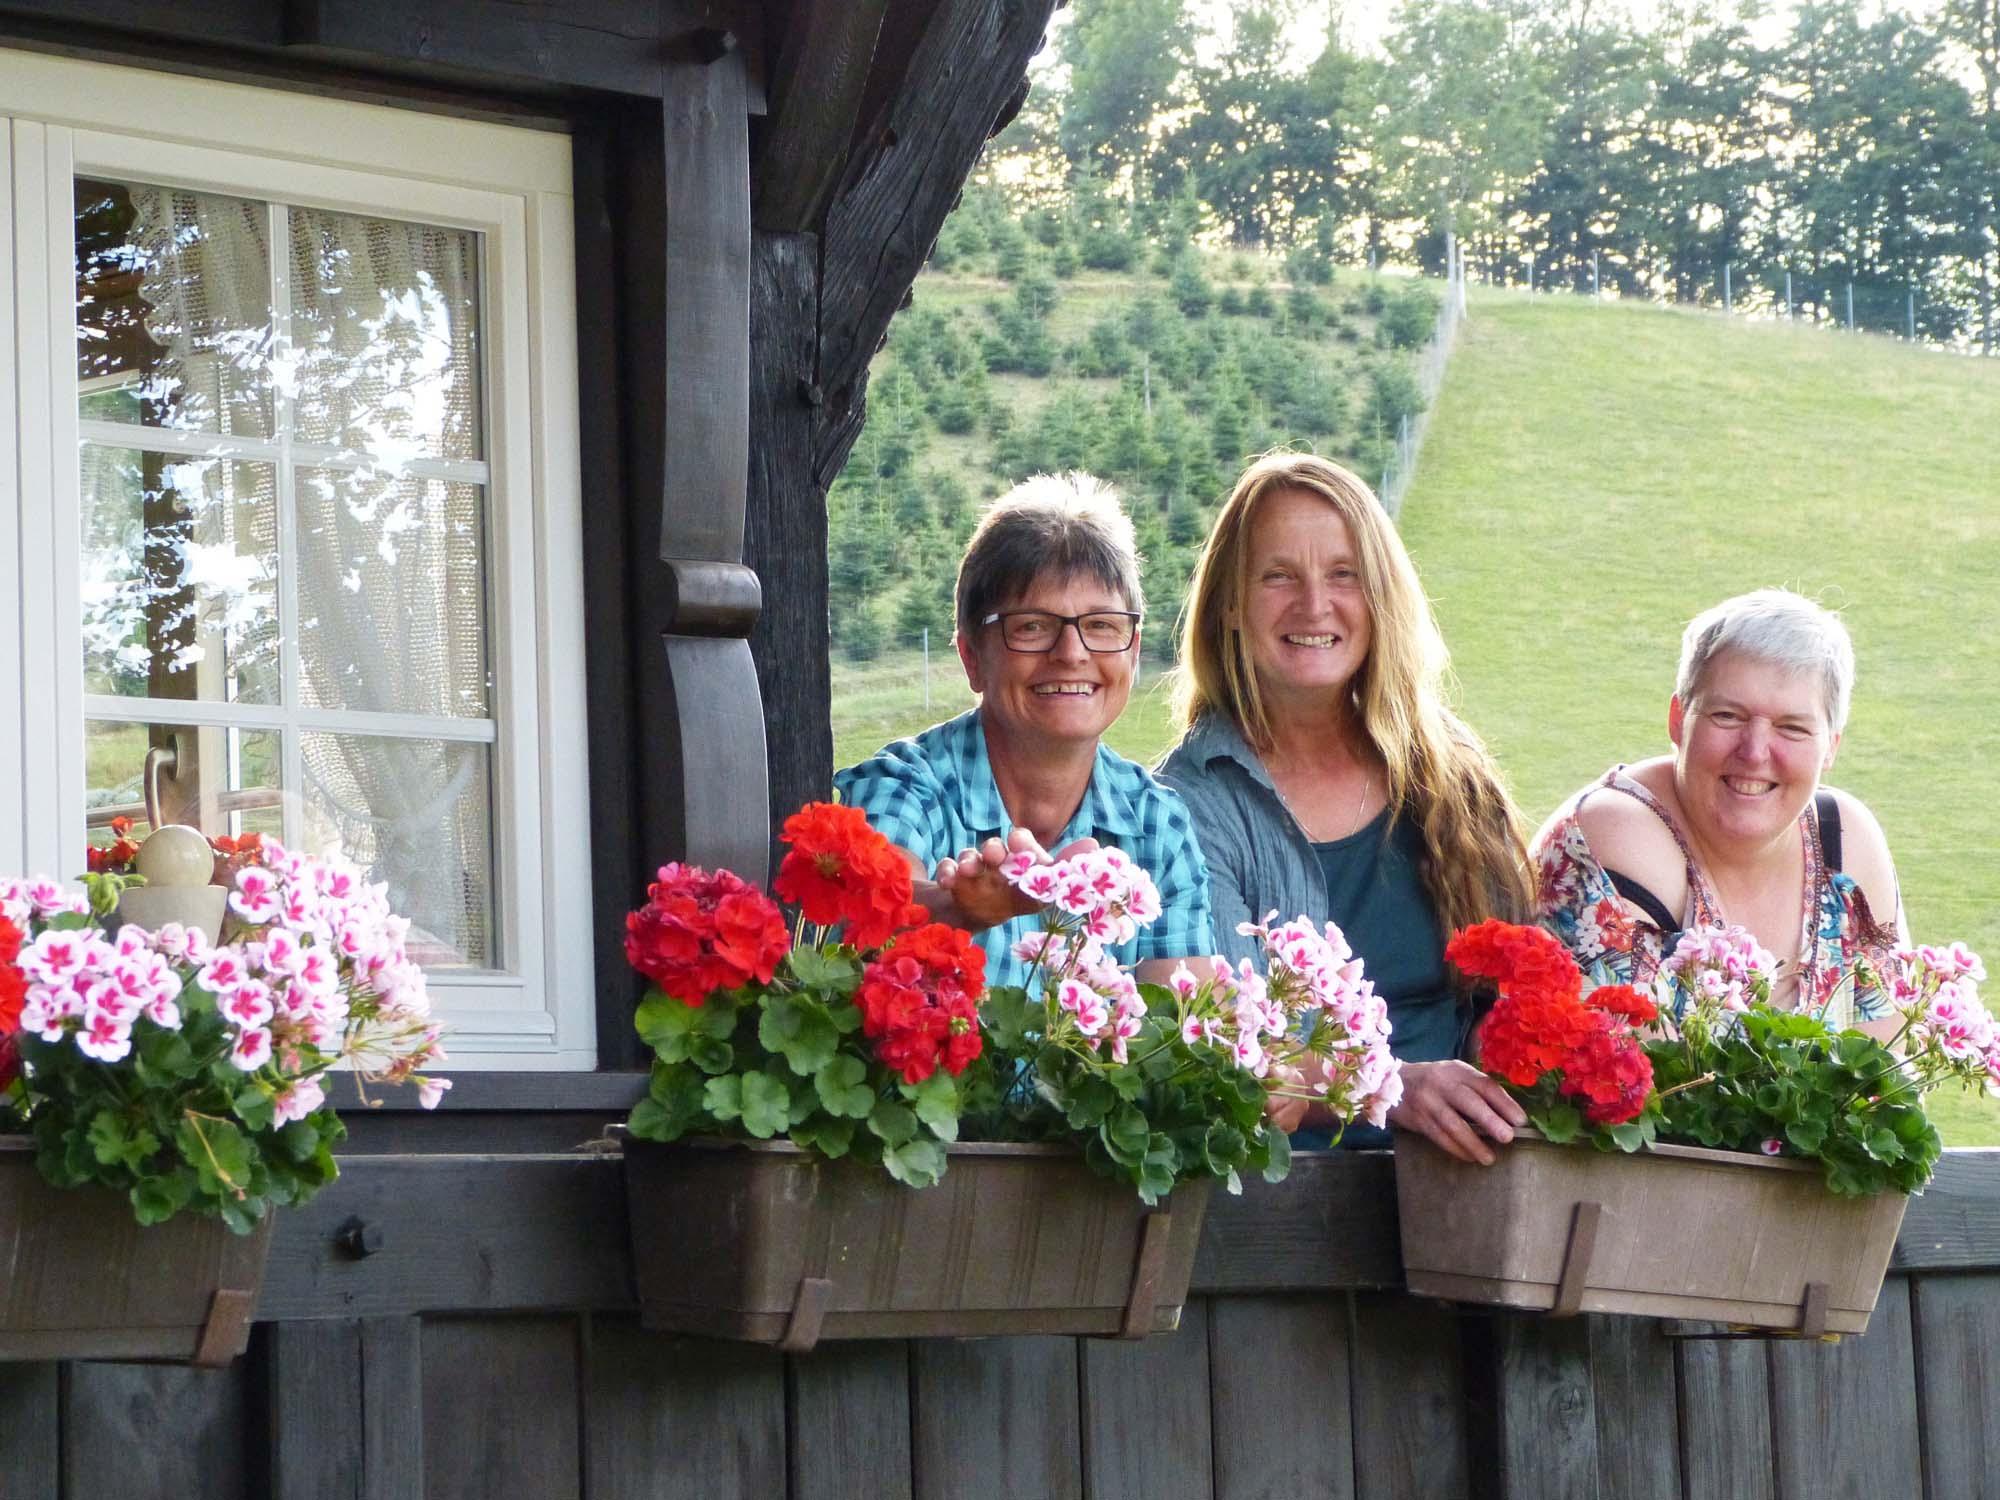 2019-8-23-ZE-OE-bia-Landfrauen-+ drei